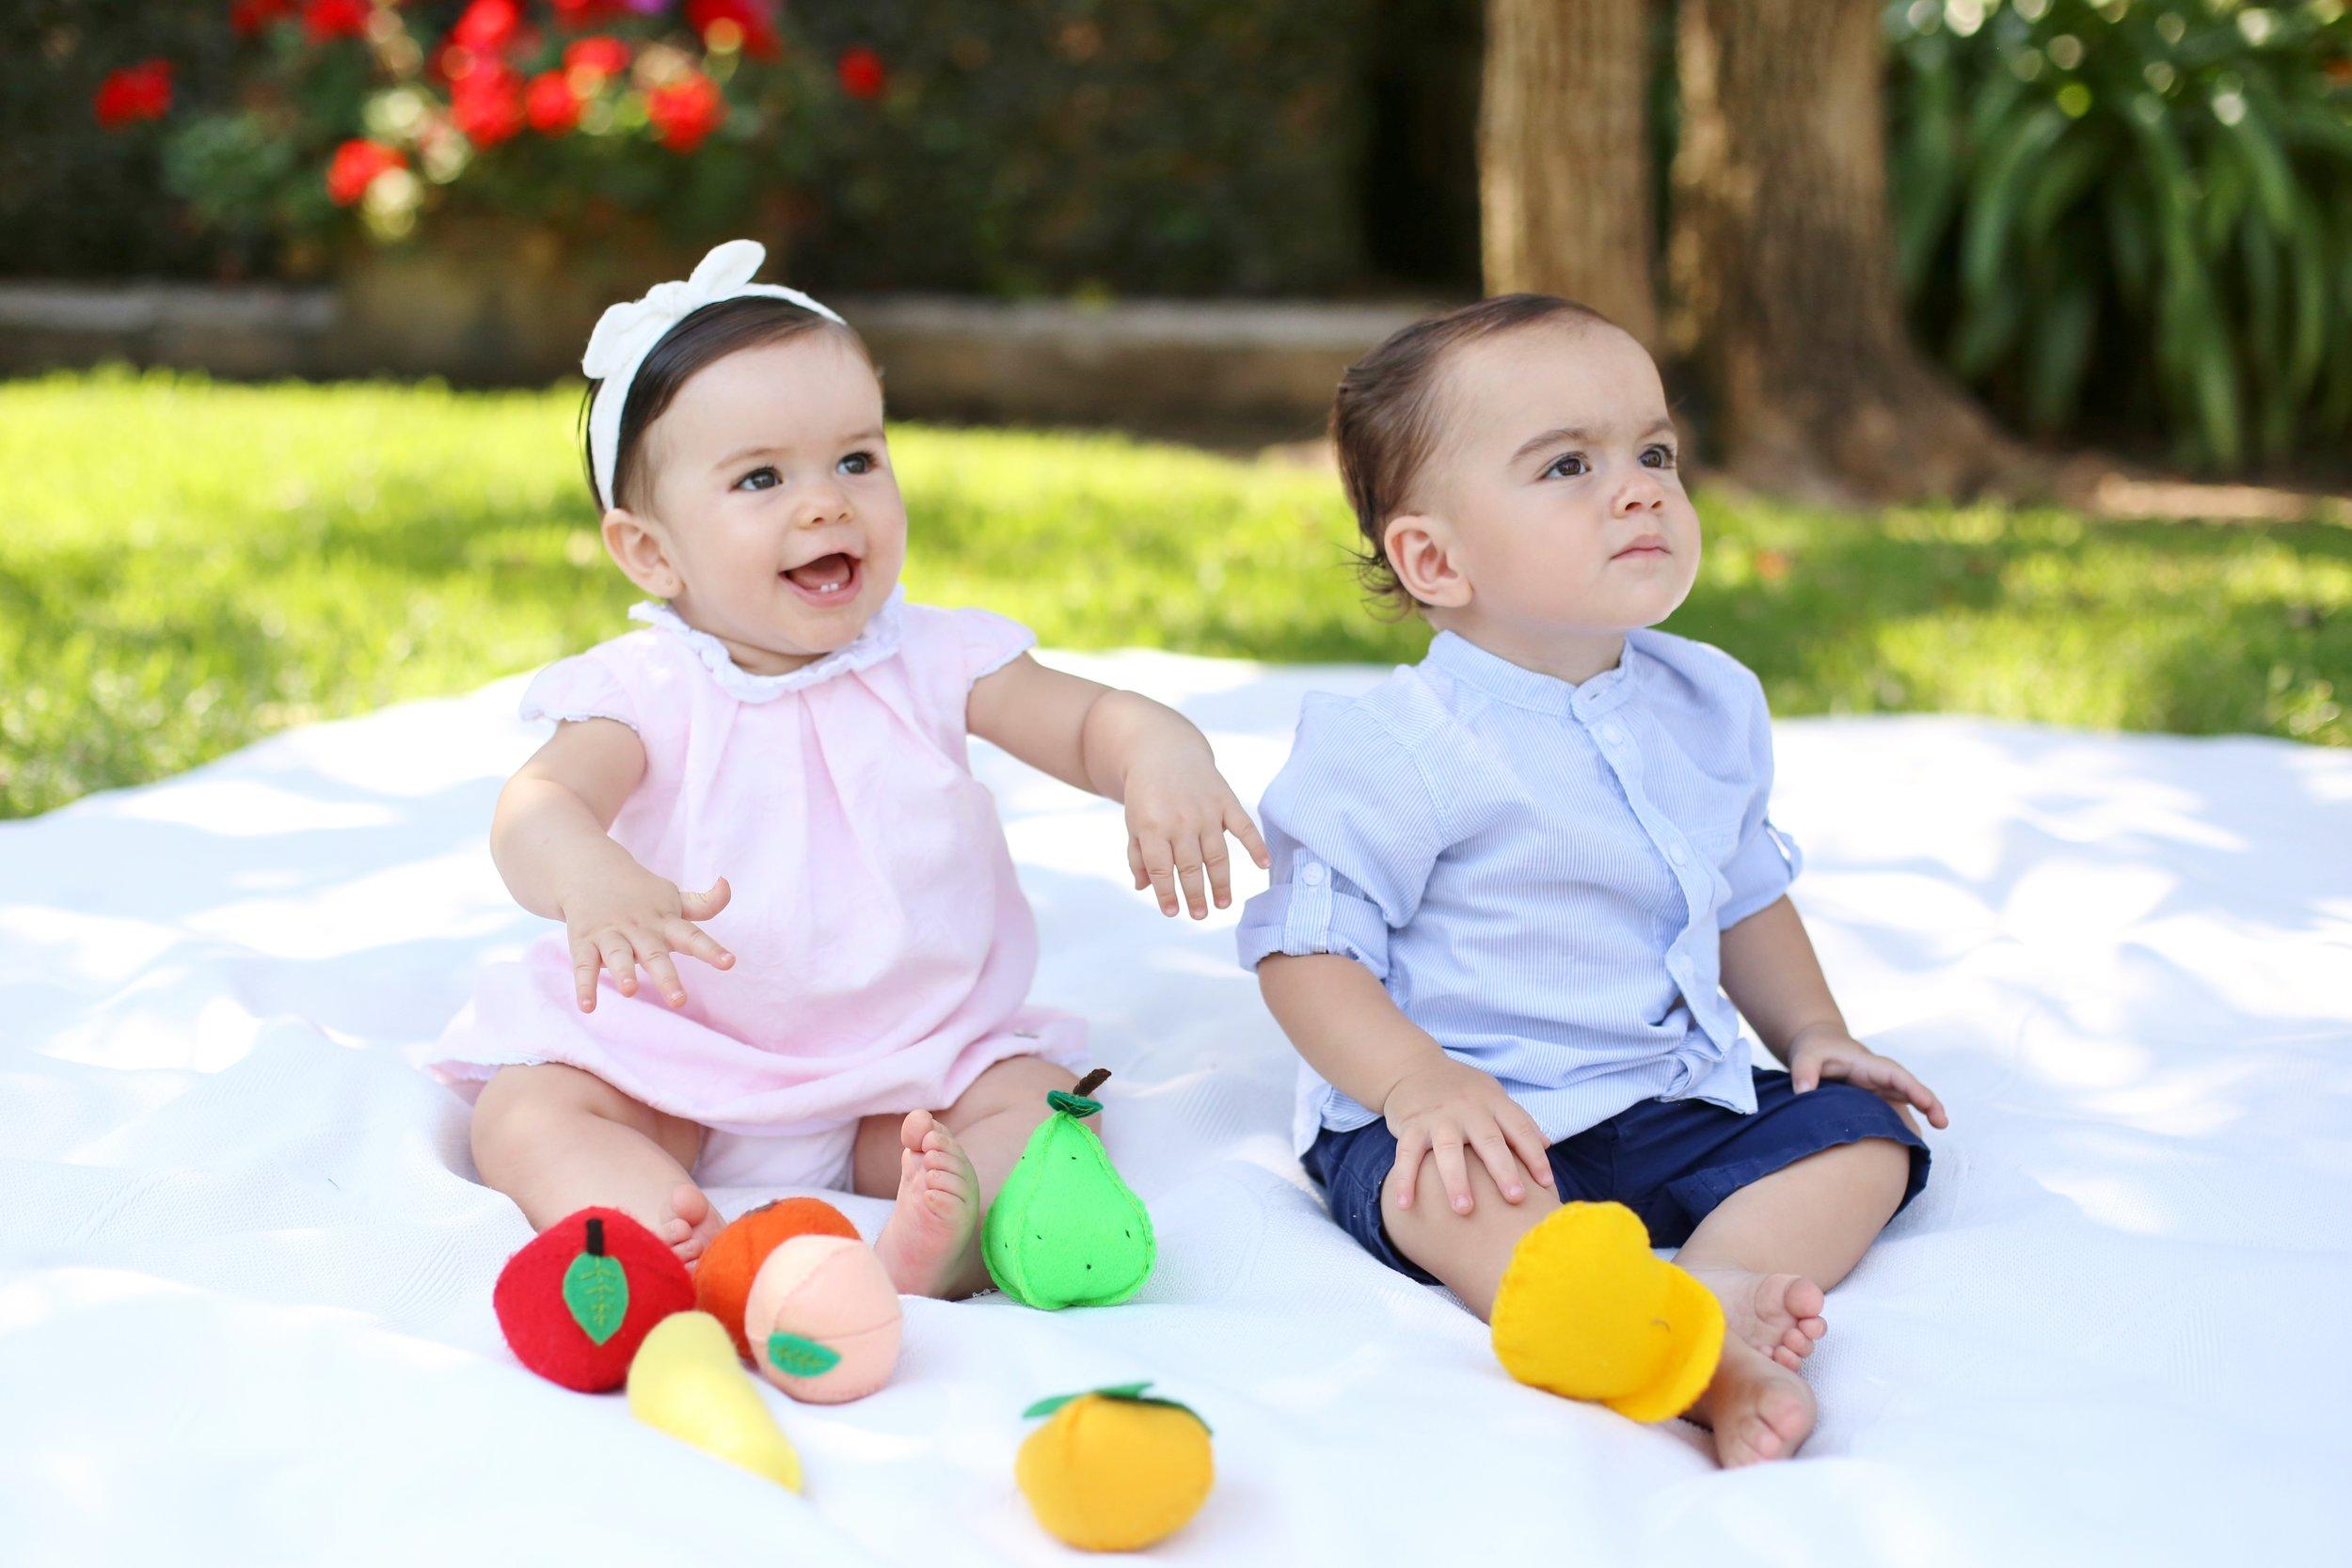 Comiditas para bebés - Conoce los juegos para bebés